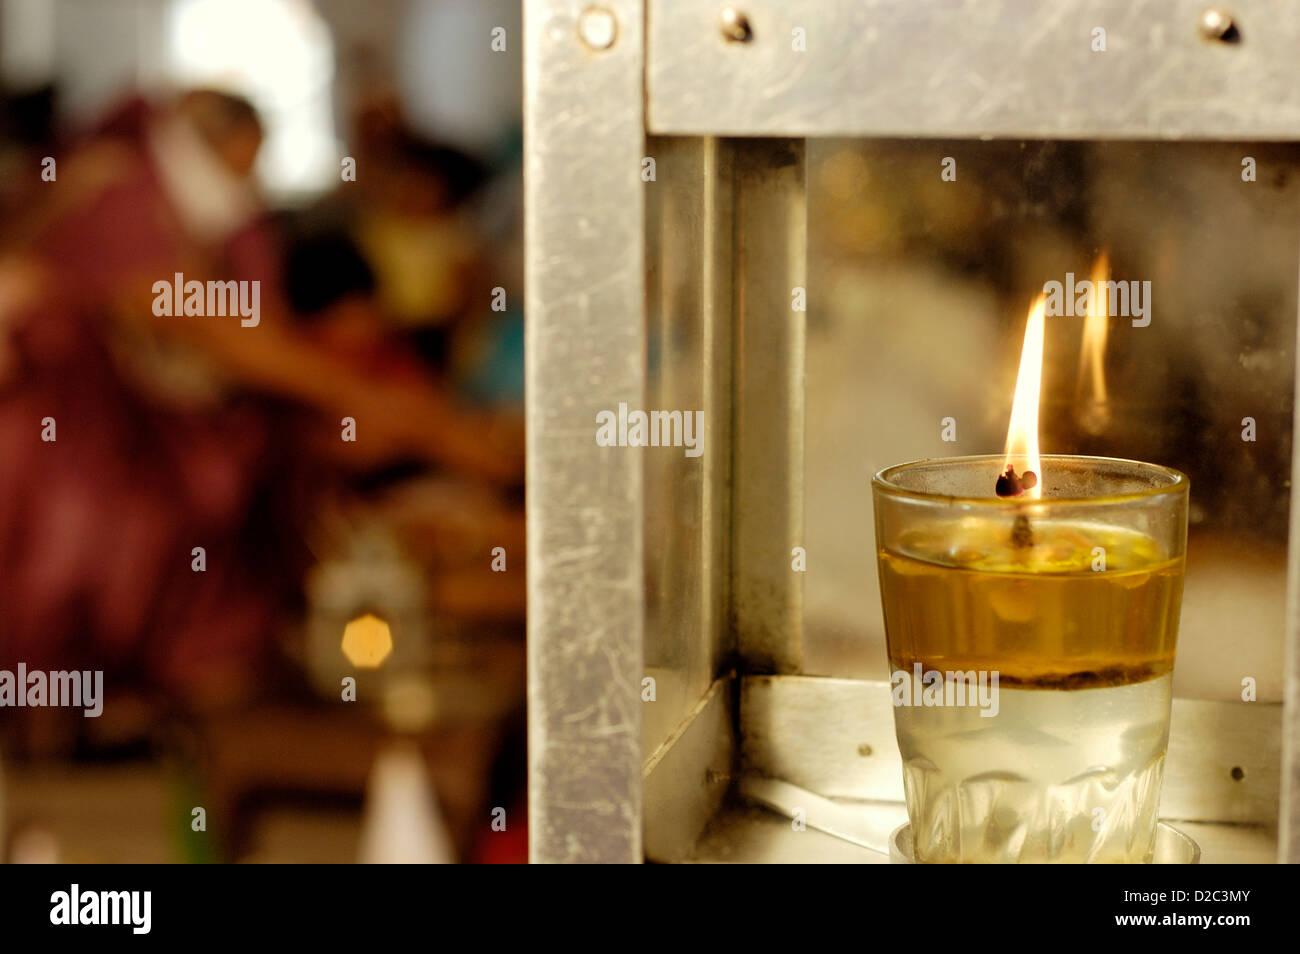 Olio lampada Diya sulla preghiera speciale offerto da Jain comunità religiose in India Immagini Stock